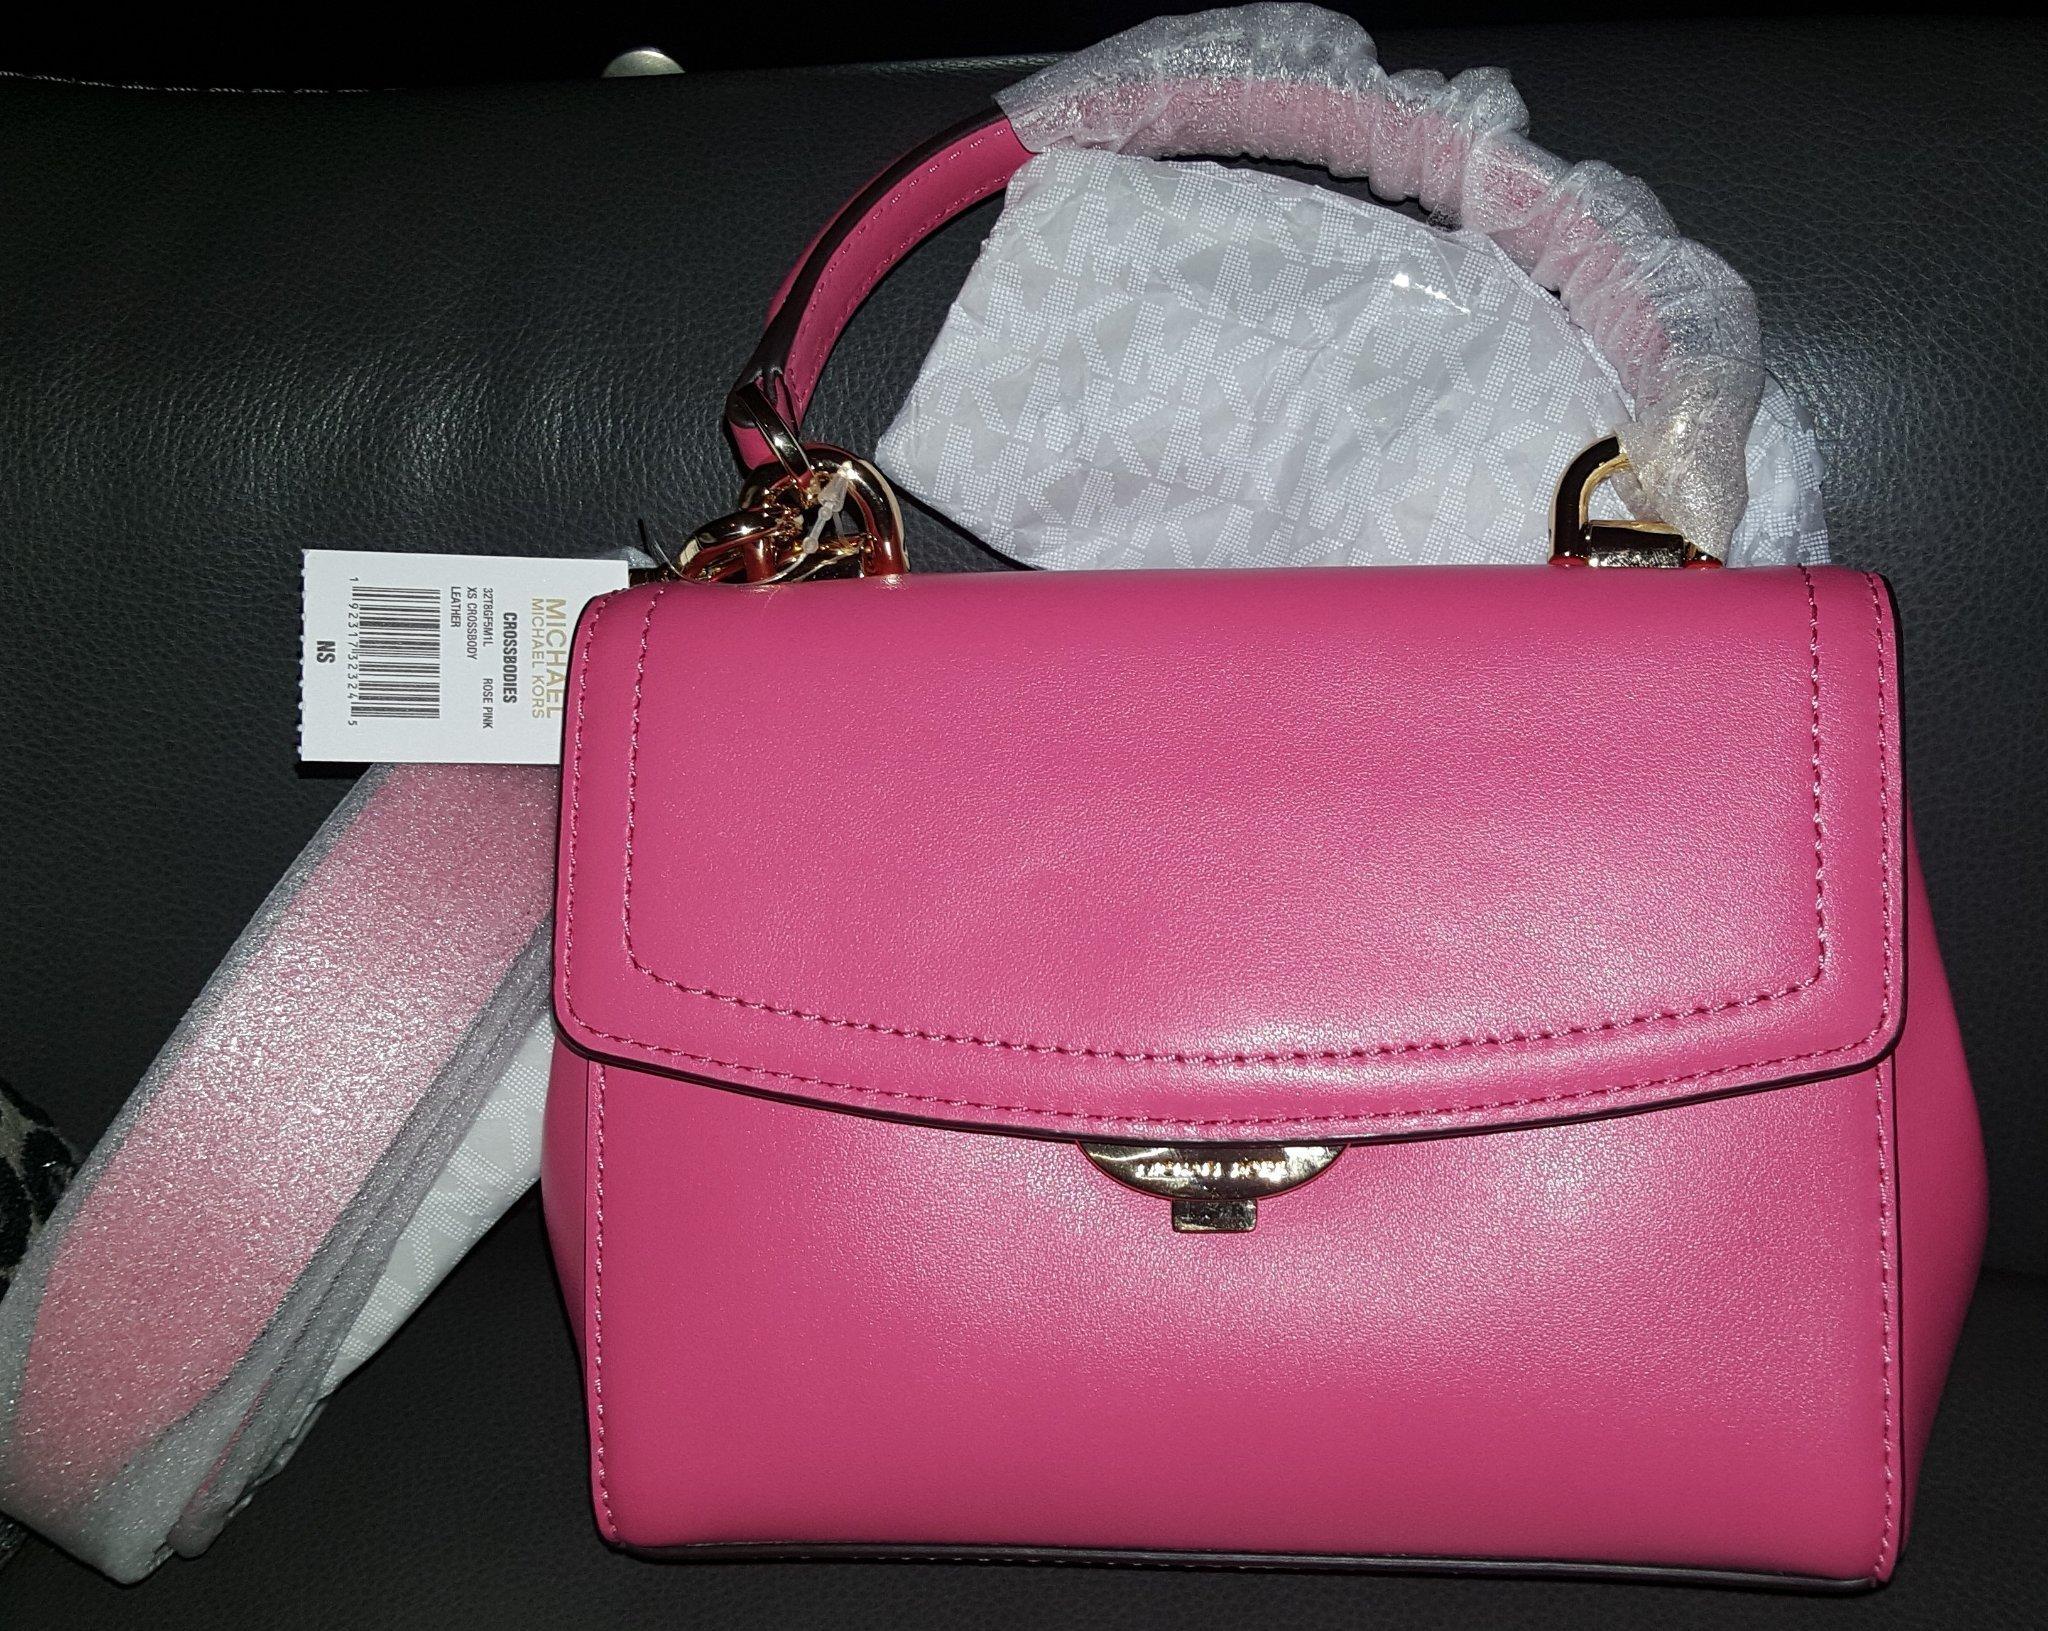 2300: NY guld äkta Michael Kors läder crossbody MK rosa skinn väska crossover